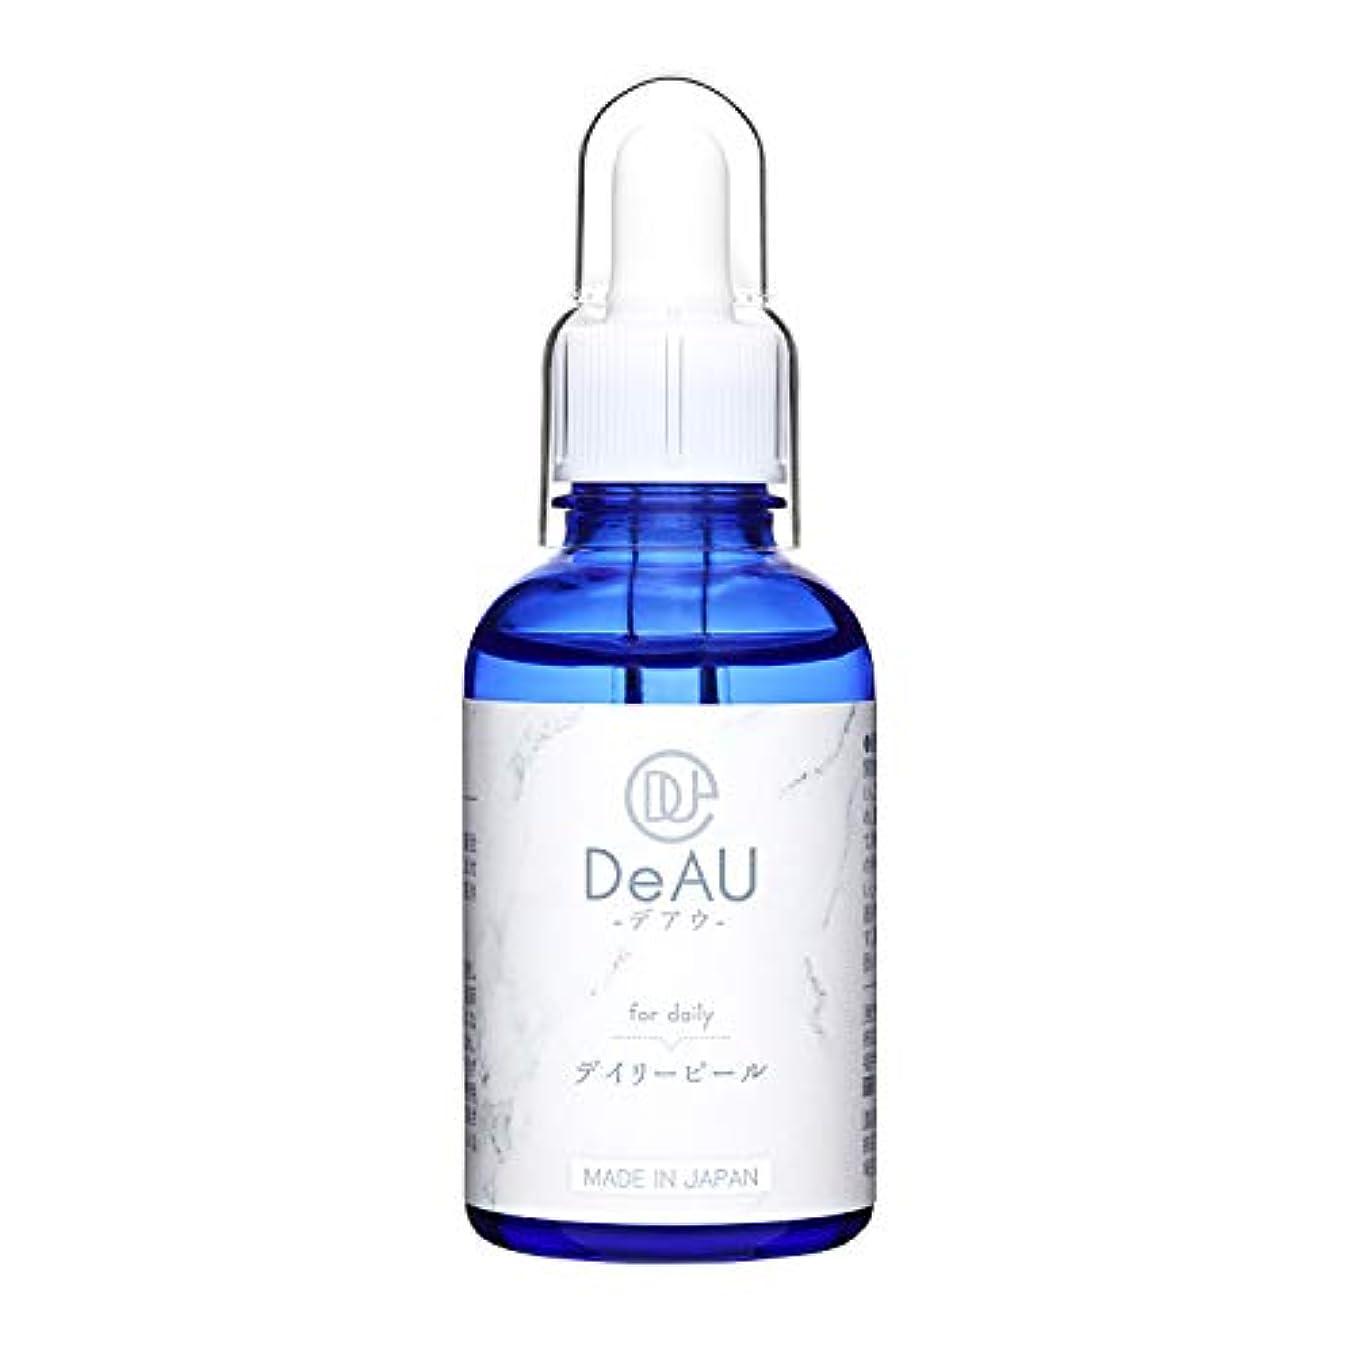 レザー退院潤滑するDeAU デアウ デイリーピール 角質柔軟美容液 50ml